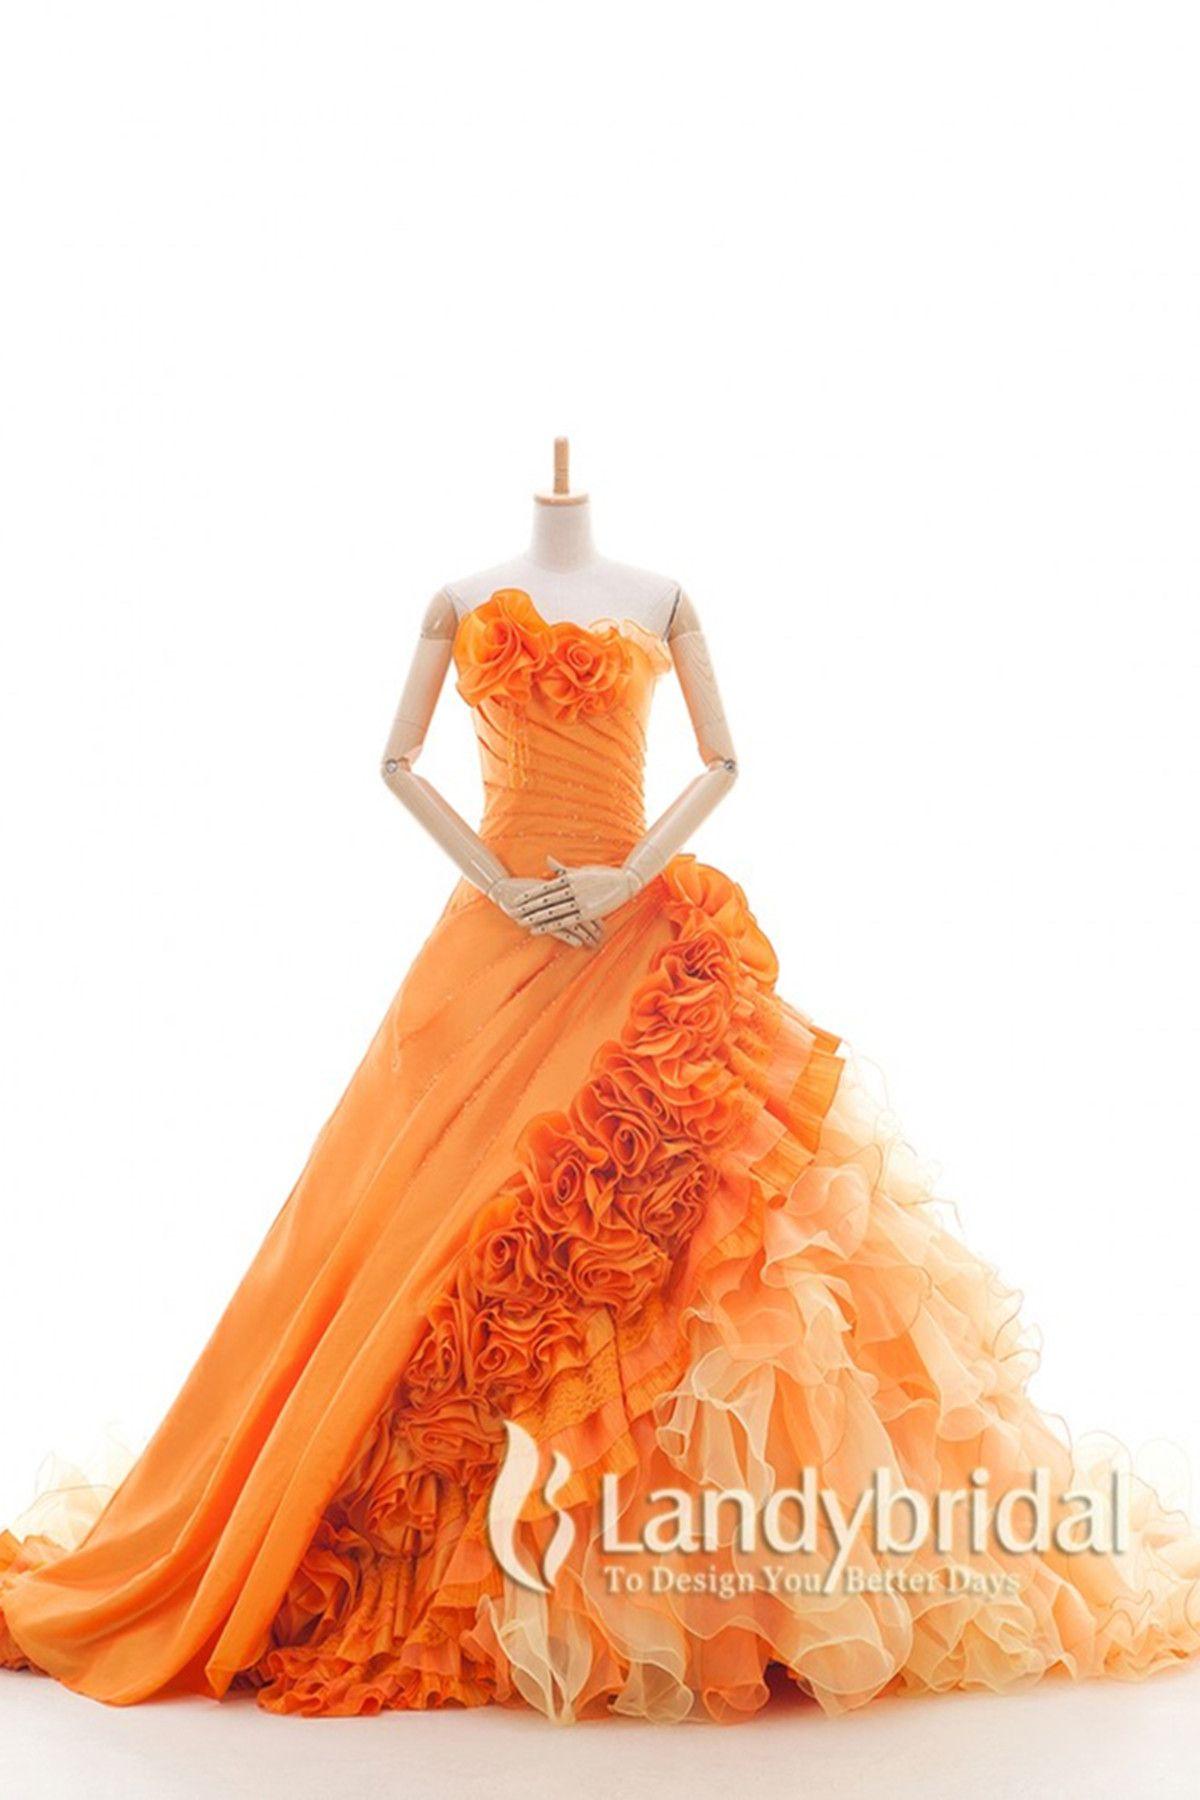 300e2780266b5 カラードレス プリンセス オレンジ 光沢なタフタ グラデーション お色直し 色変更可能 花嫁ドレス js0085-or ¥48